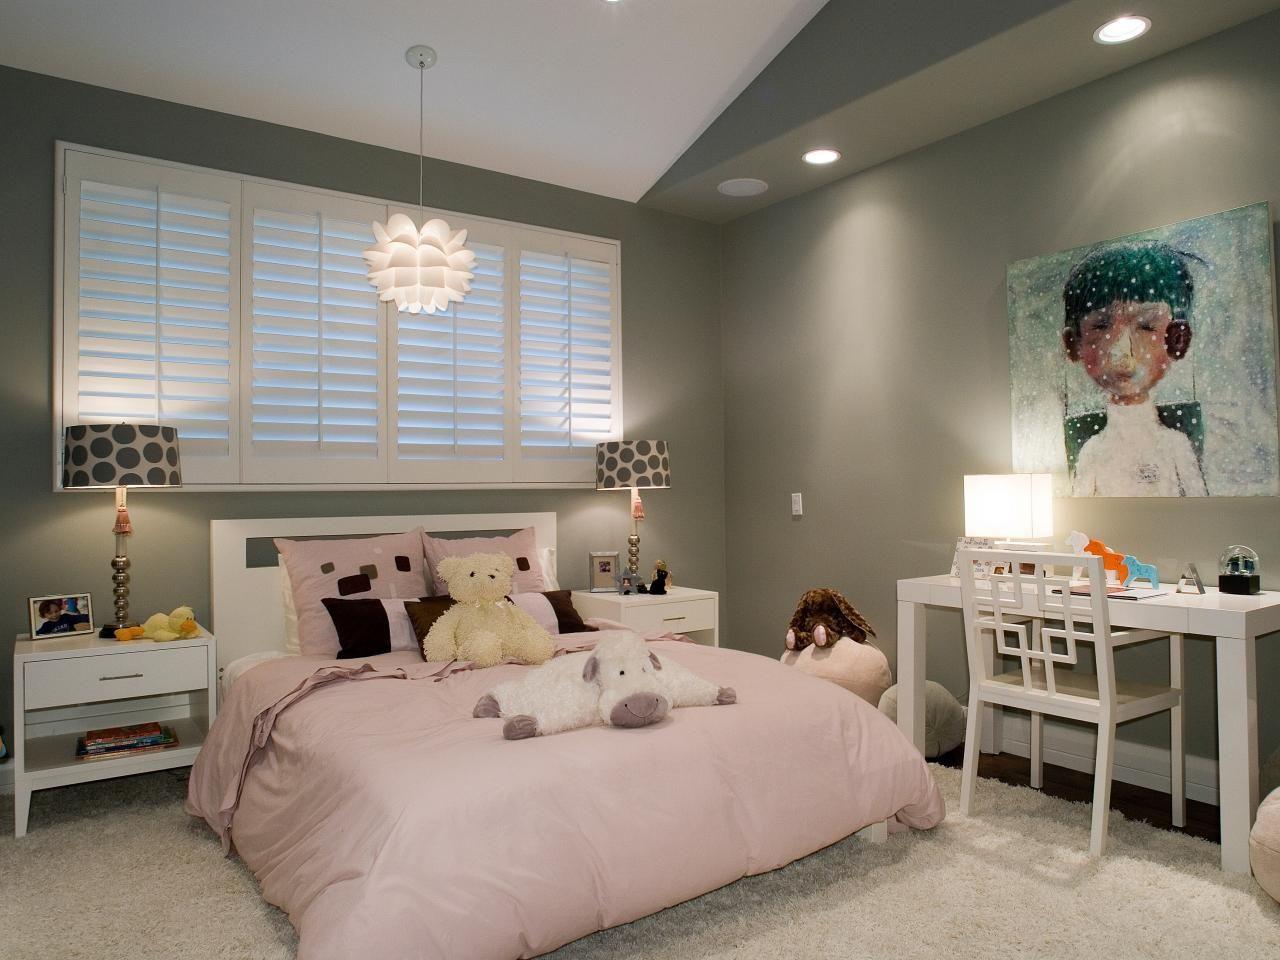 Kids Bedroom Ideas Kids Room Ideas For Playroom Bedroom